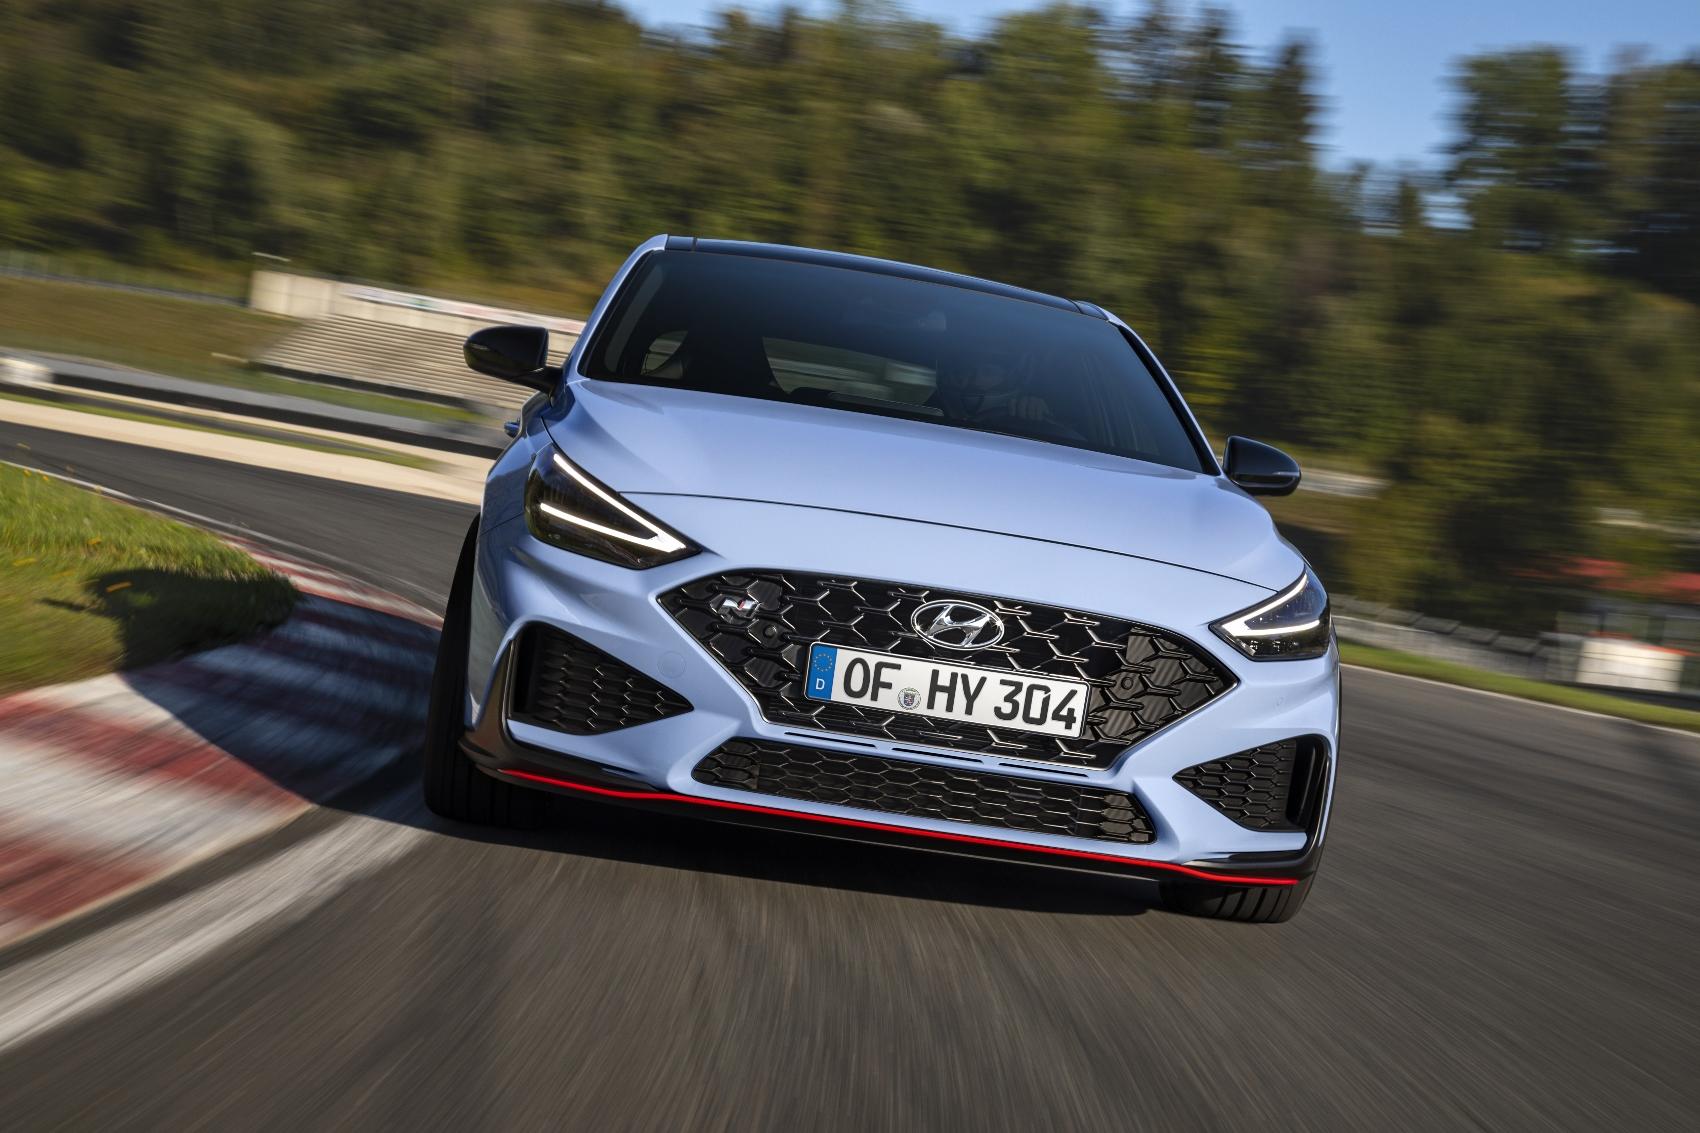 Vynovený Hyundai i30 N s novou prevodovkou je oficiálne predstavený